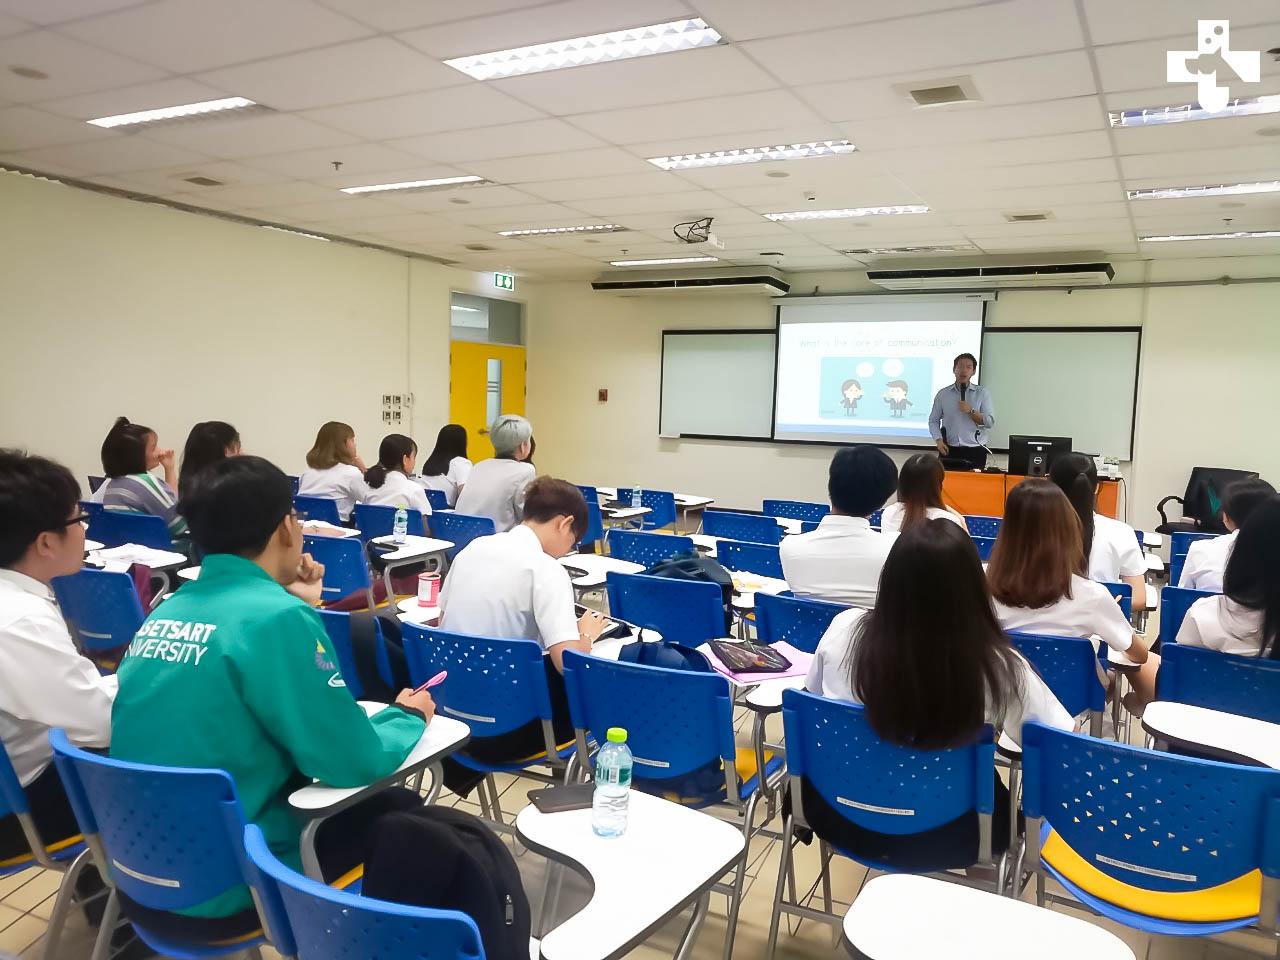 โครงการอบรมทักษะการใช้ภาษาอังกฤษนิสิตสาขาวิชาการพยาบาลสัตว์ ประจำปีการศึกษา 2562